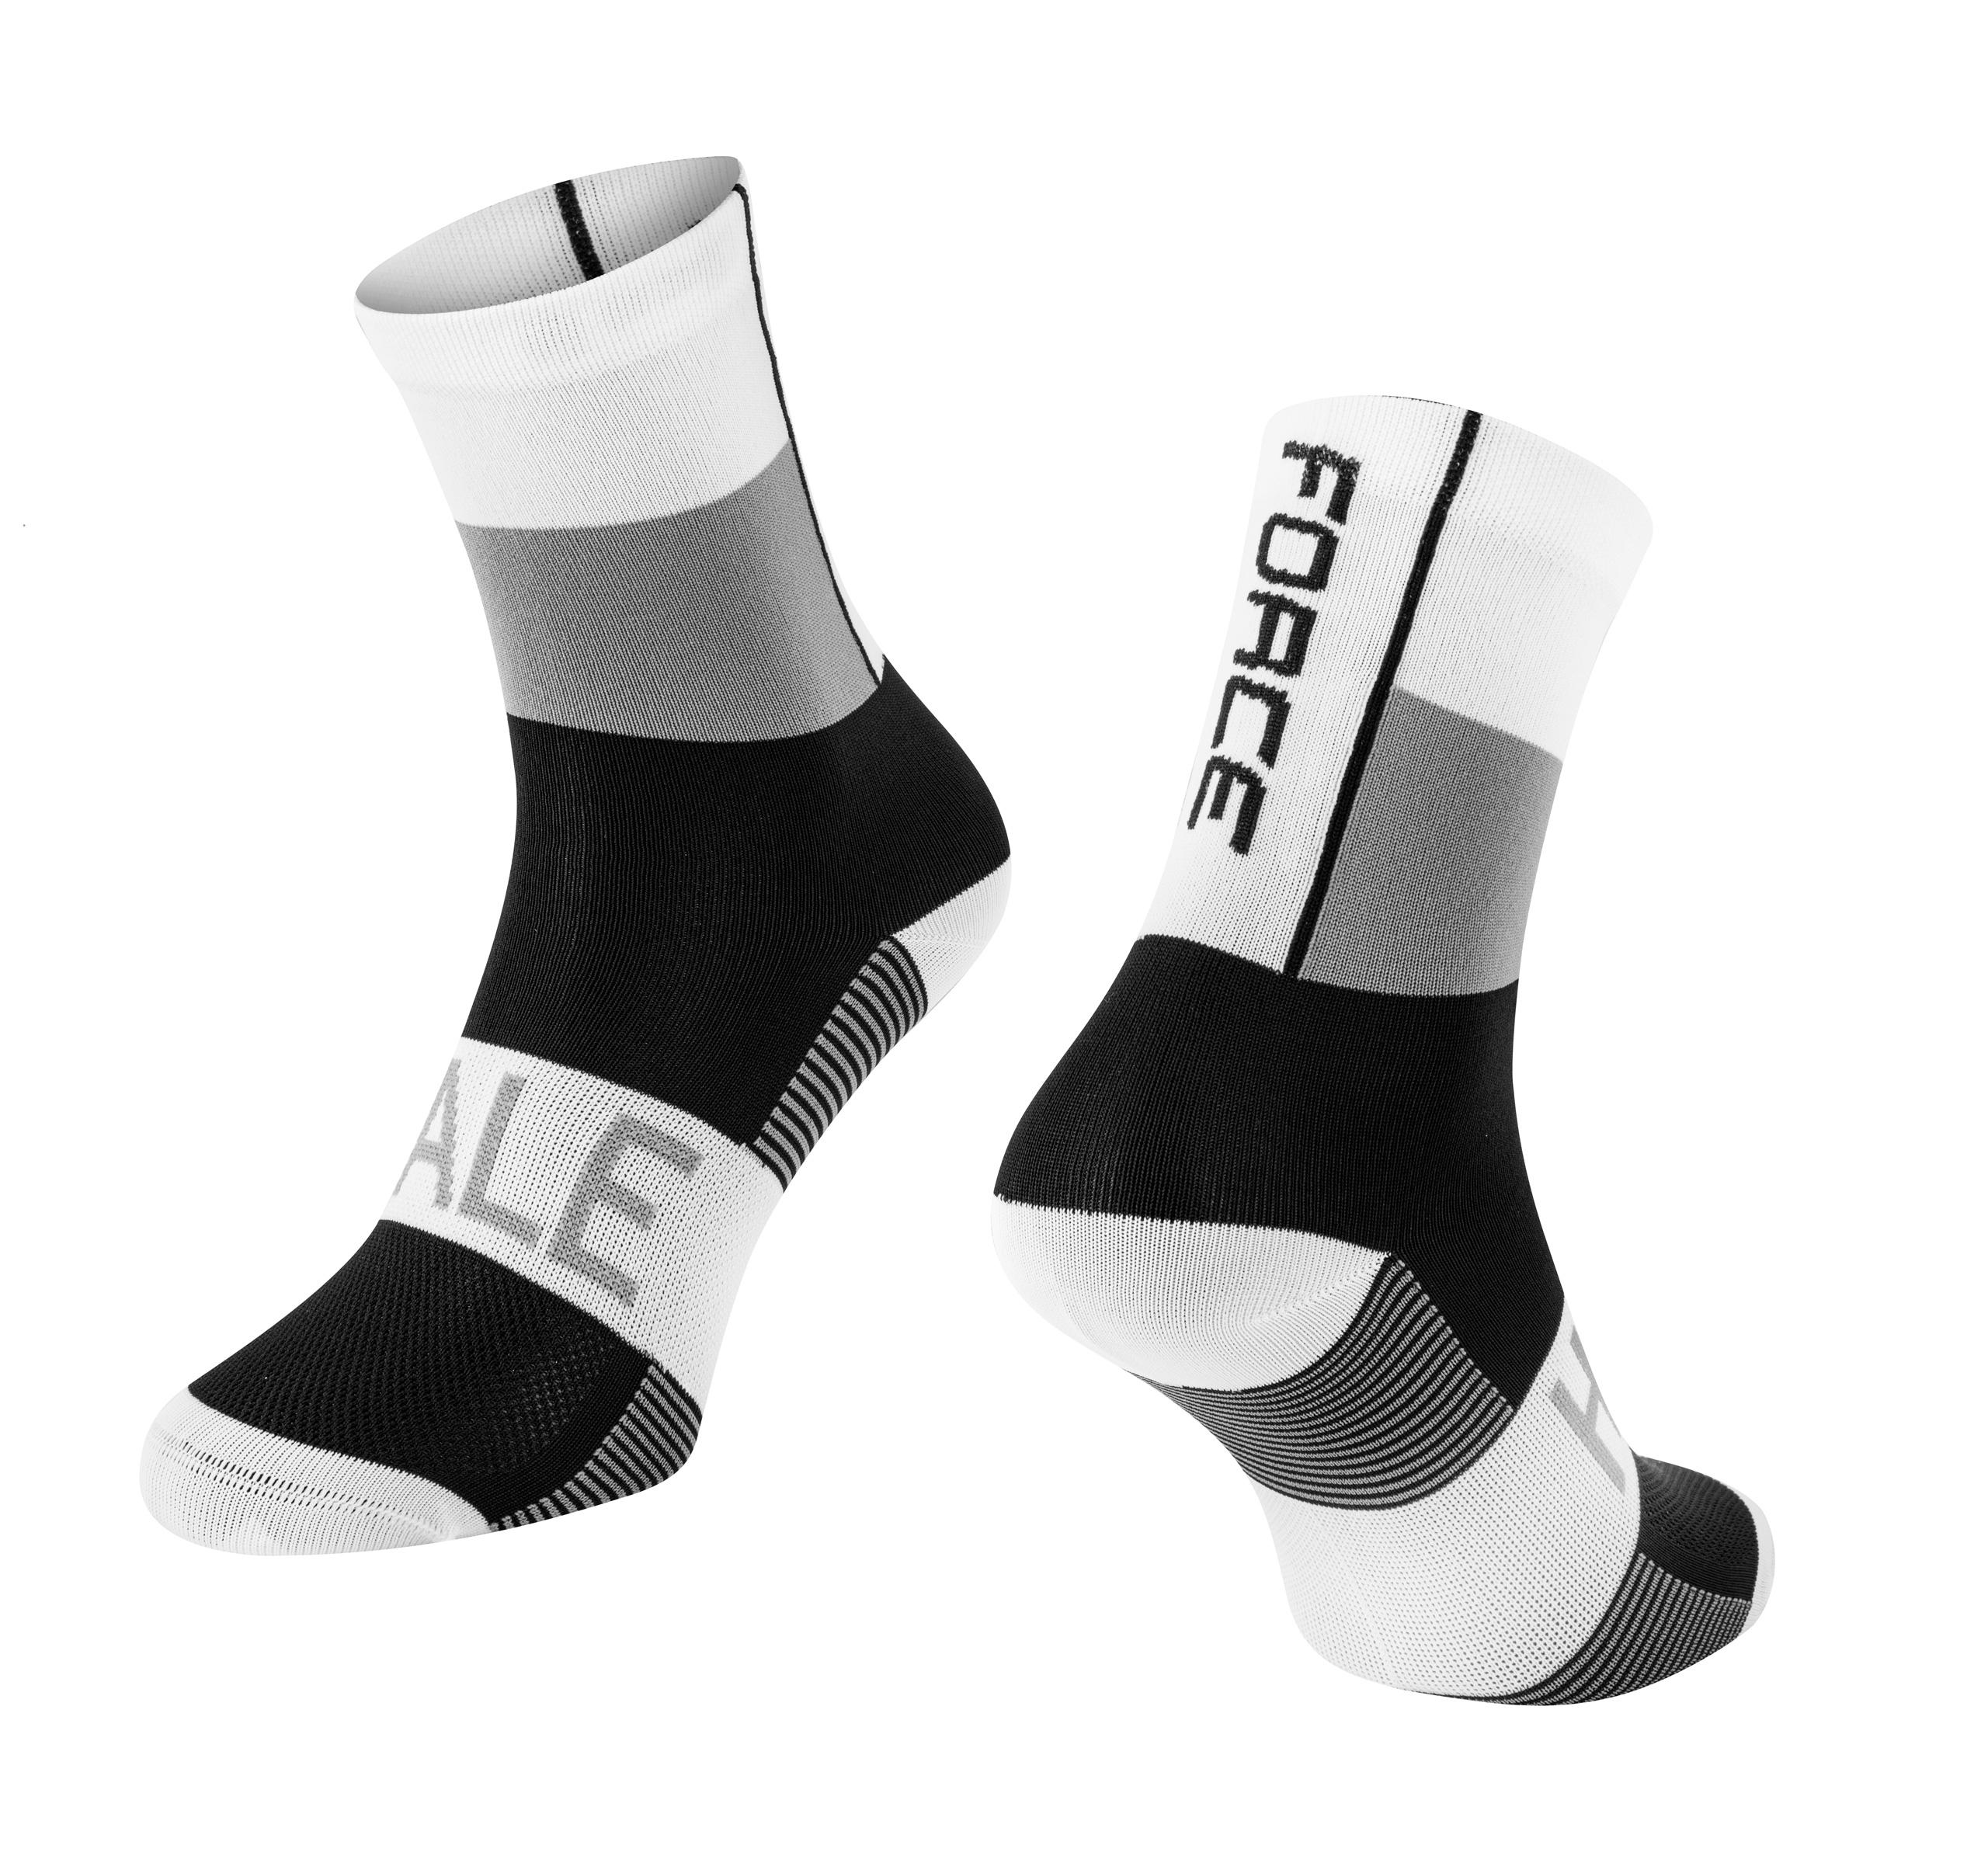 ponožky FORCE HALE, bílo-šedo-černé S-M/36-41